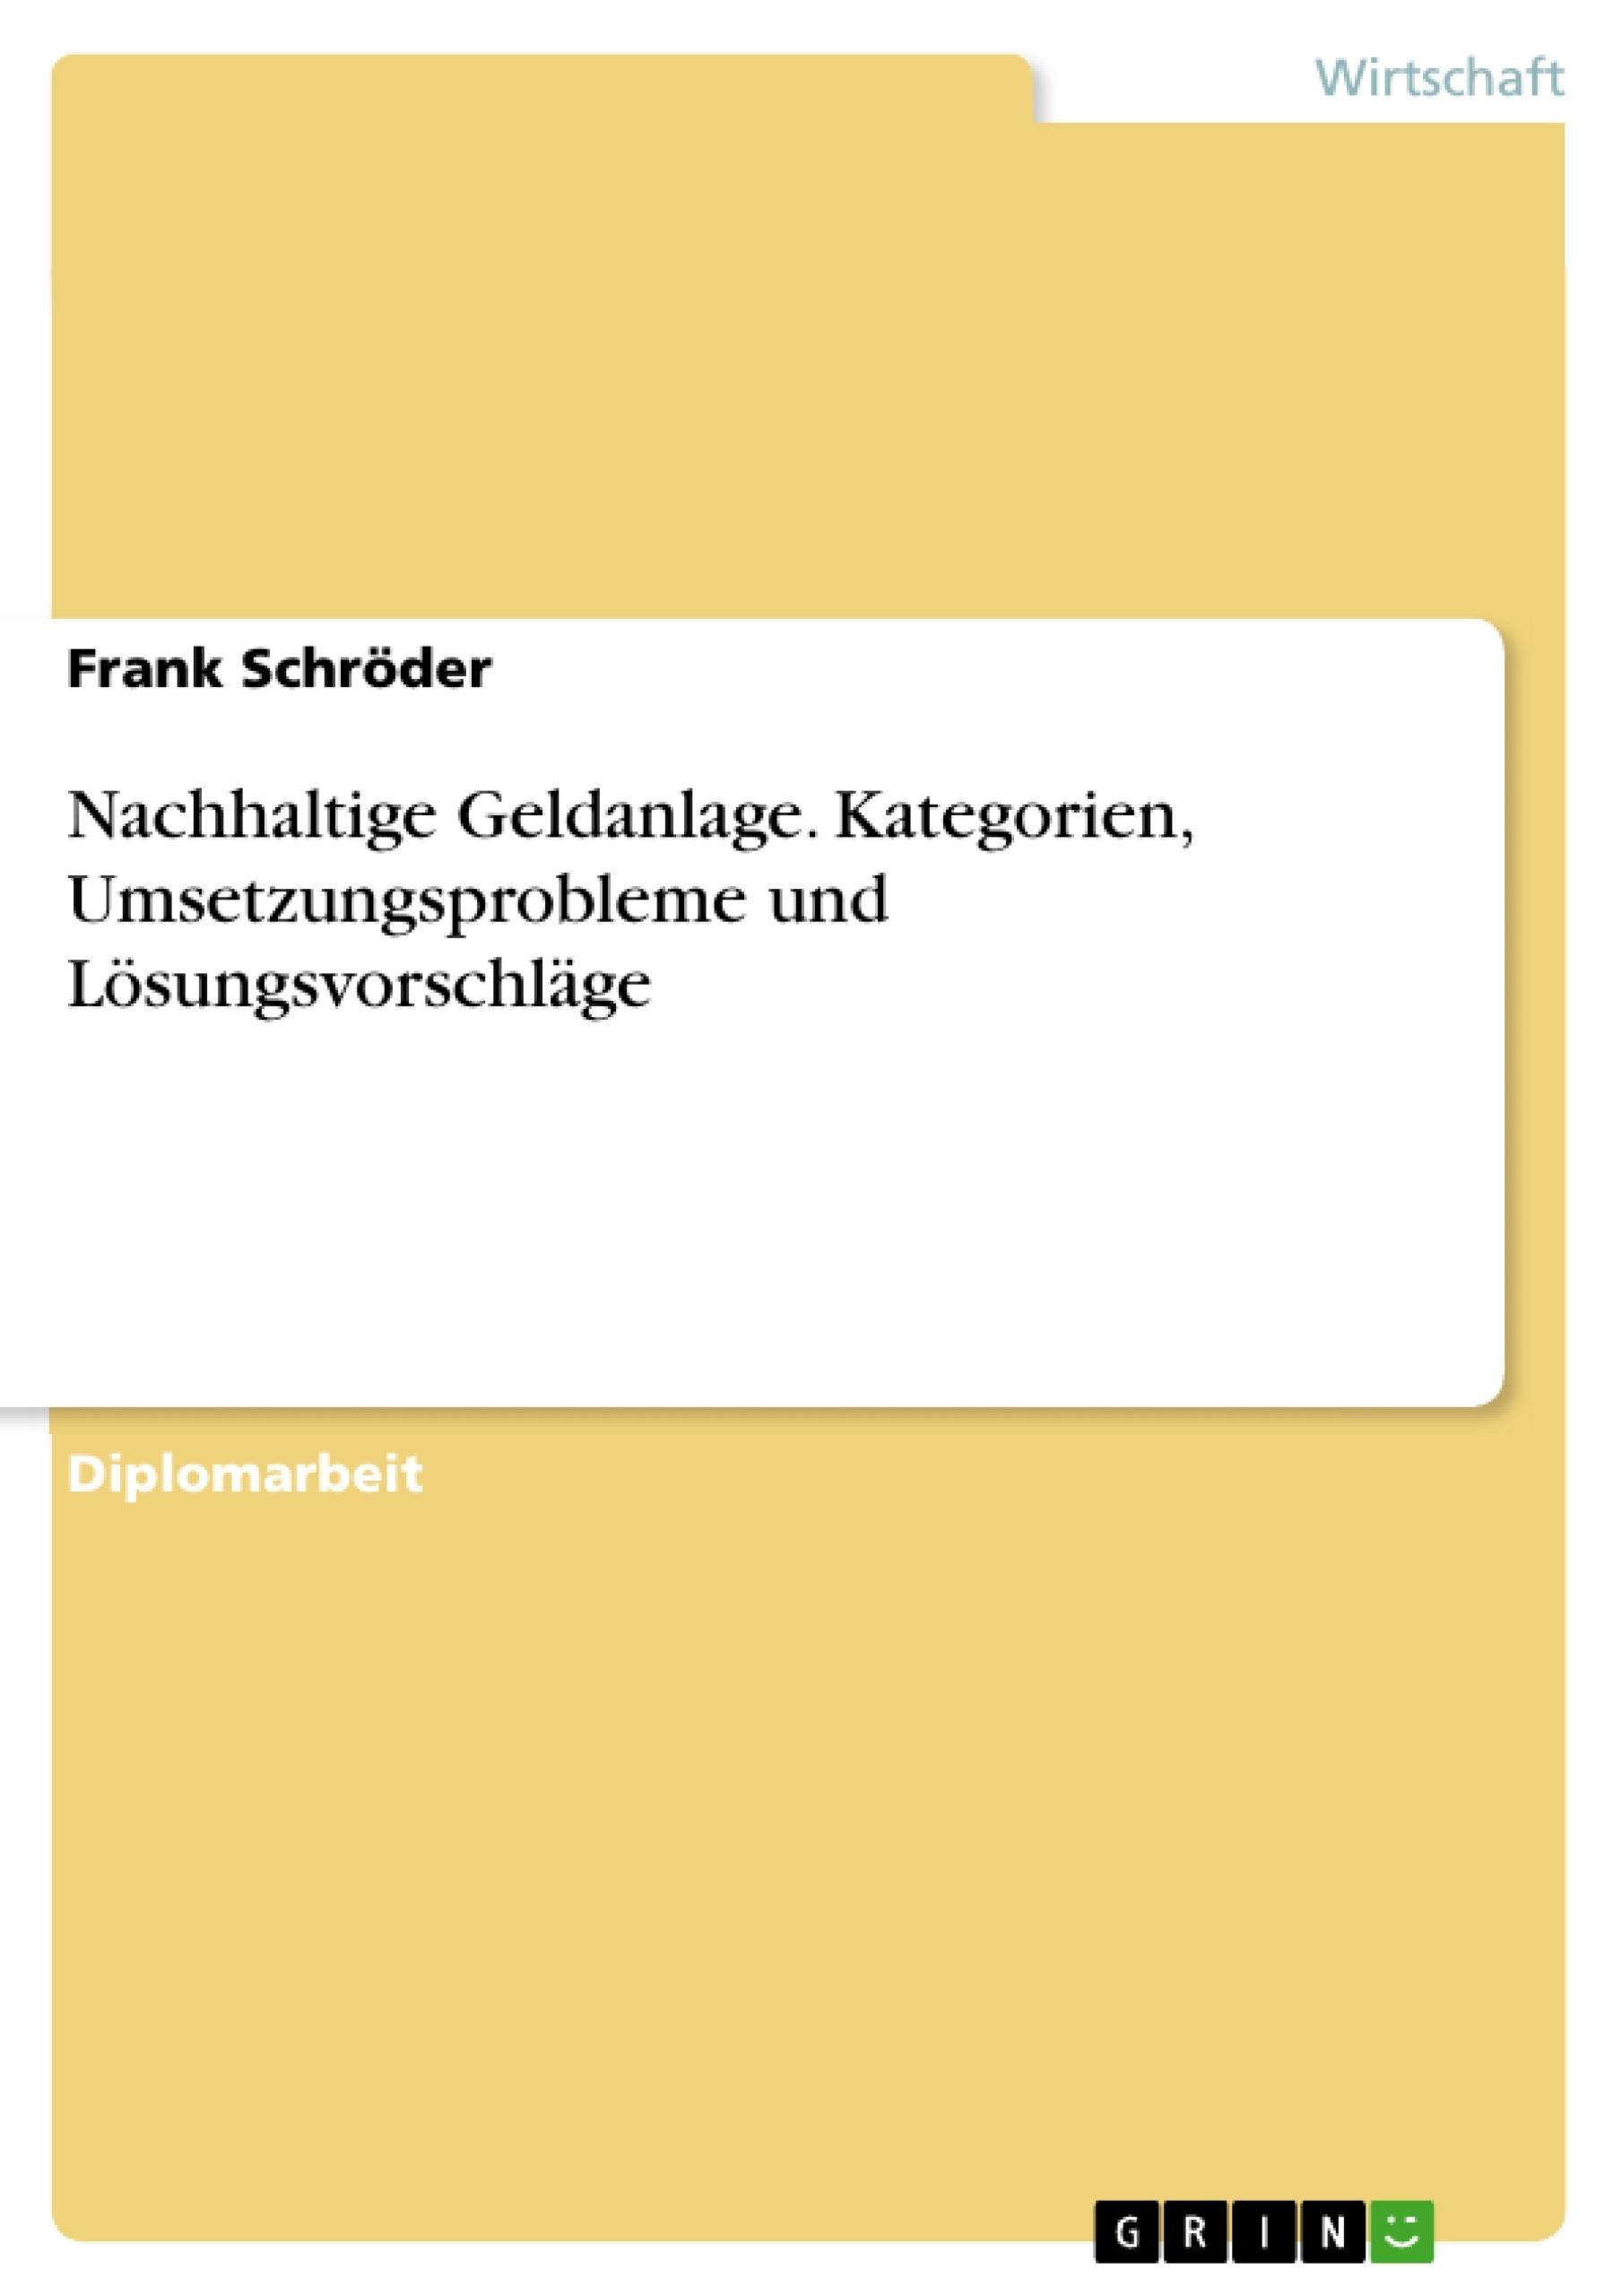 Titel: Nachhaltige Geldanlage. Kategorien, Umsetzungsprobleme und Lösungsvorschläge